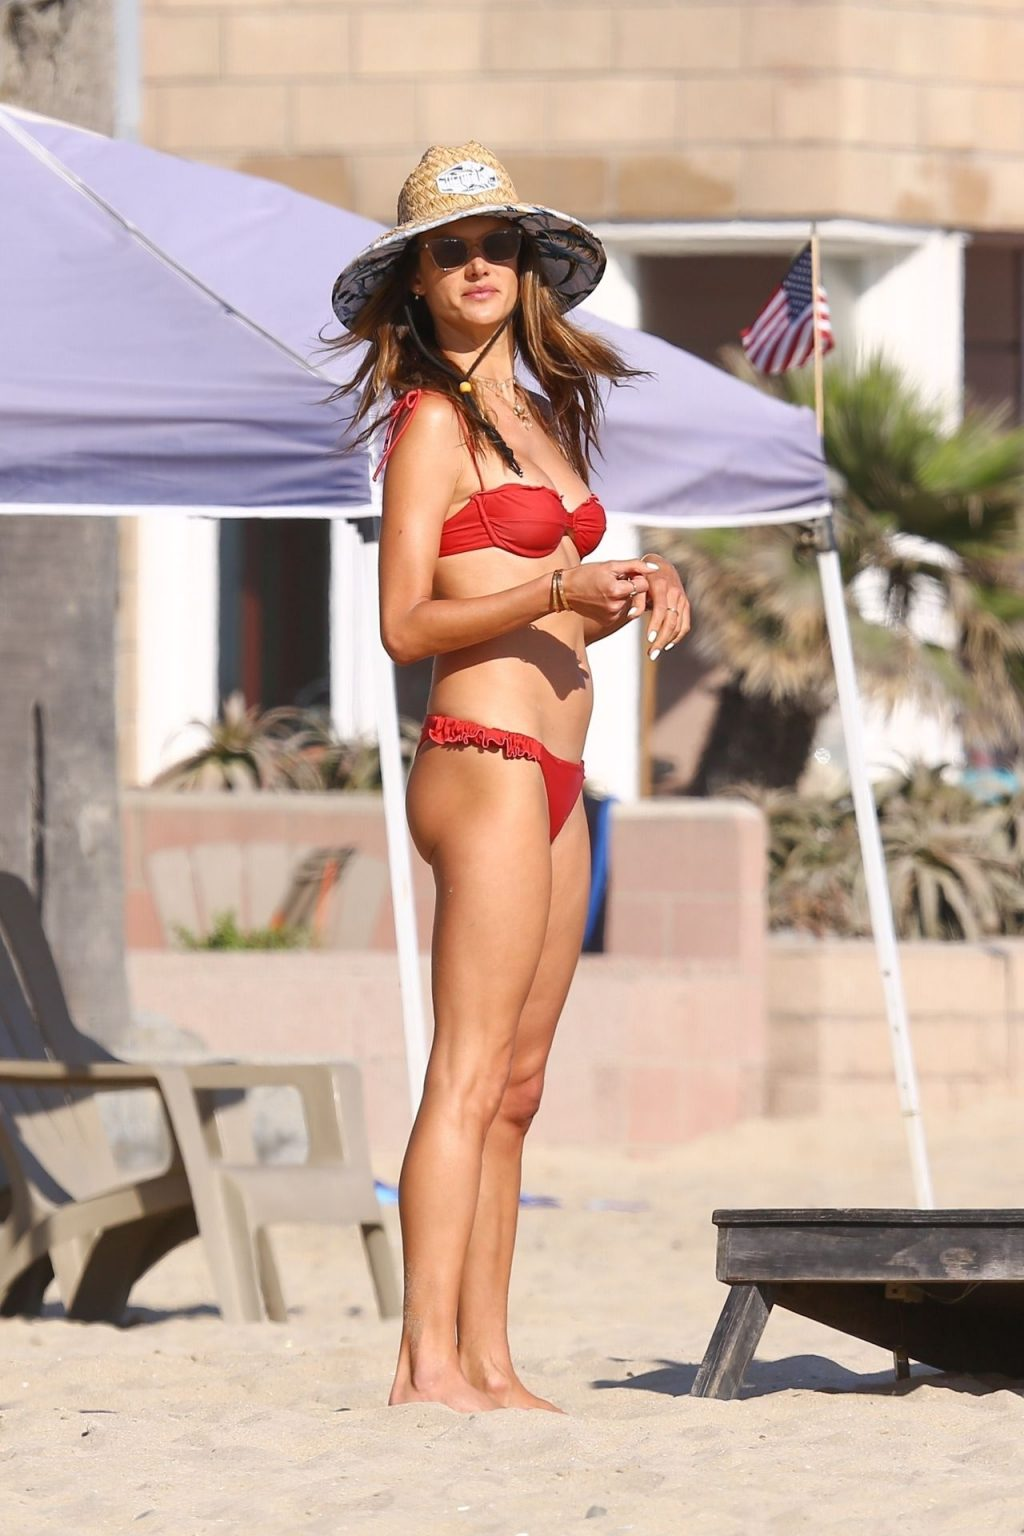 Alessandra Ambrosio Has Fun in the Sun Rocking a Red Bikini (38 Photos)